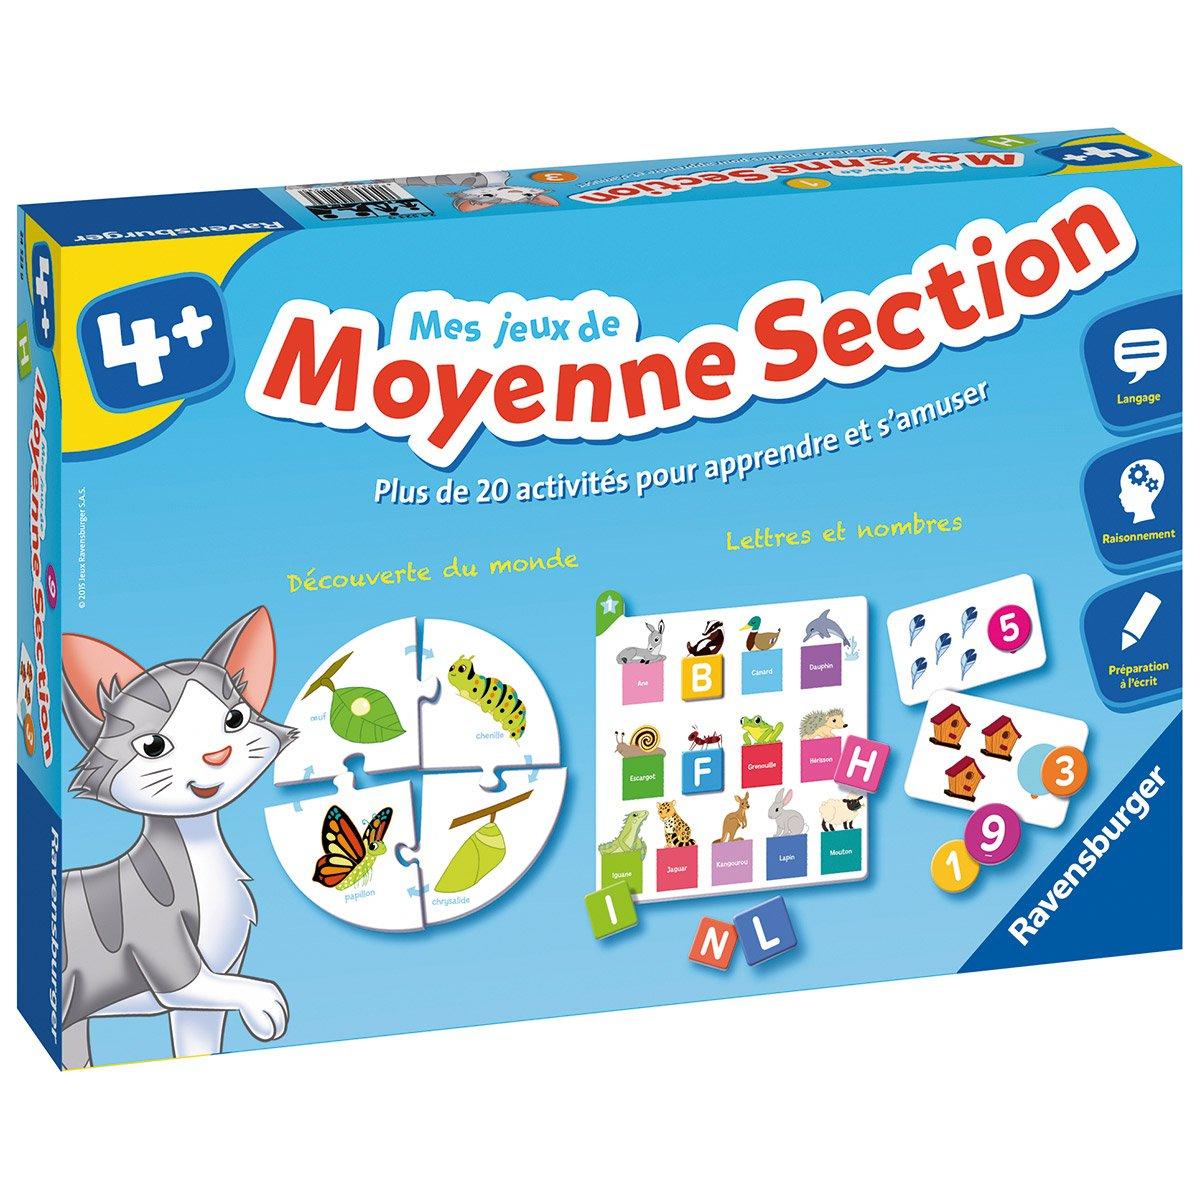 Mes Jeux De Moyenne Section - Jeux De Société Et Puzzles encequiconcerne Jeux Educatif Maternelle Moyenne Section